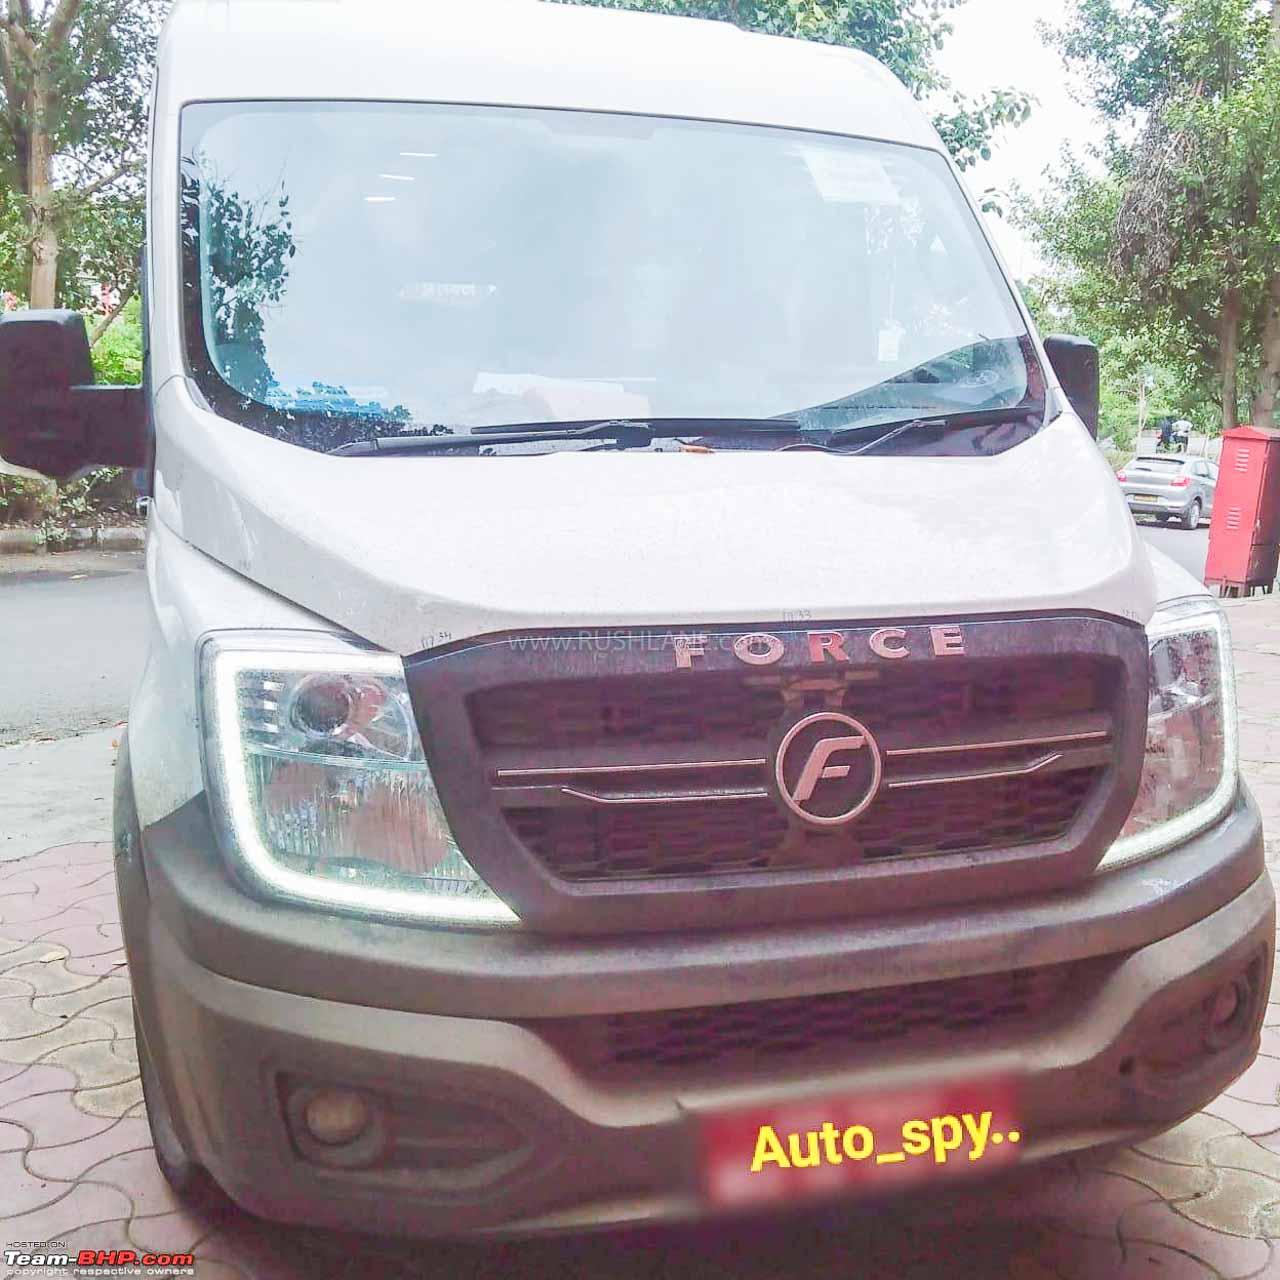 Force T1N BS6 Diesel Van